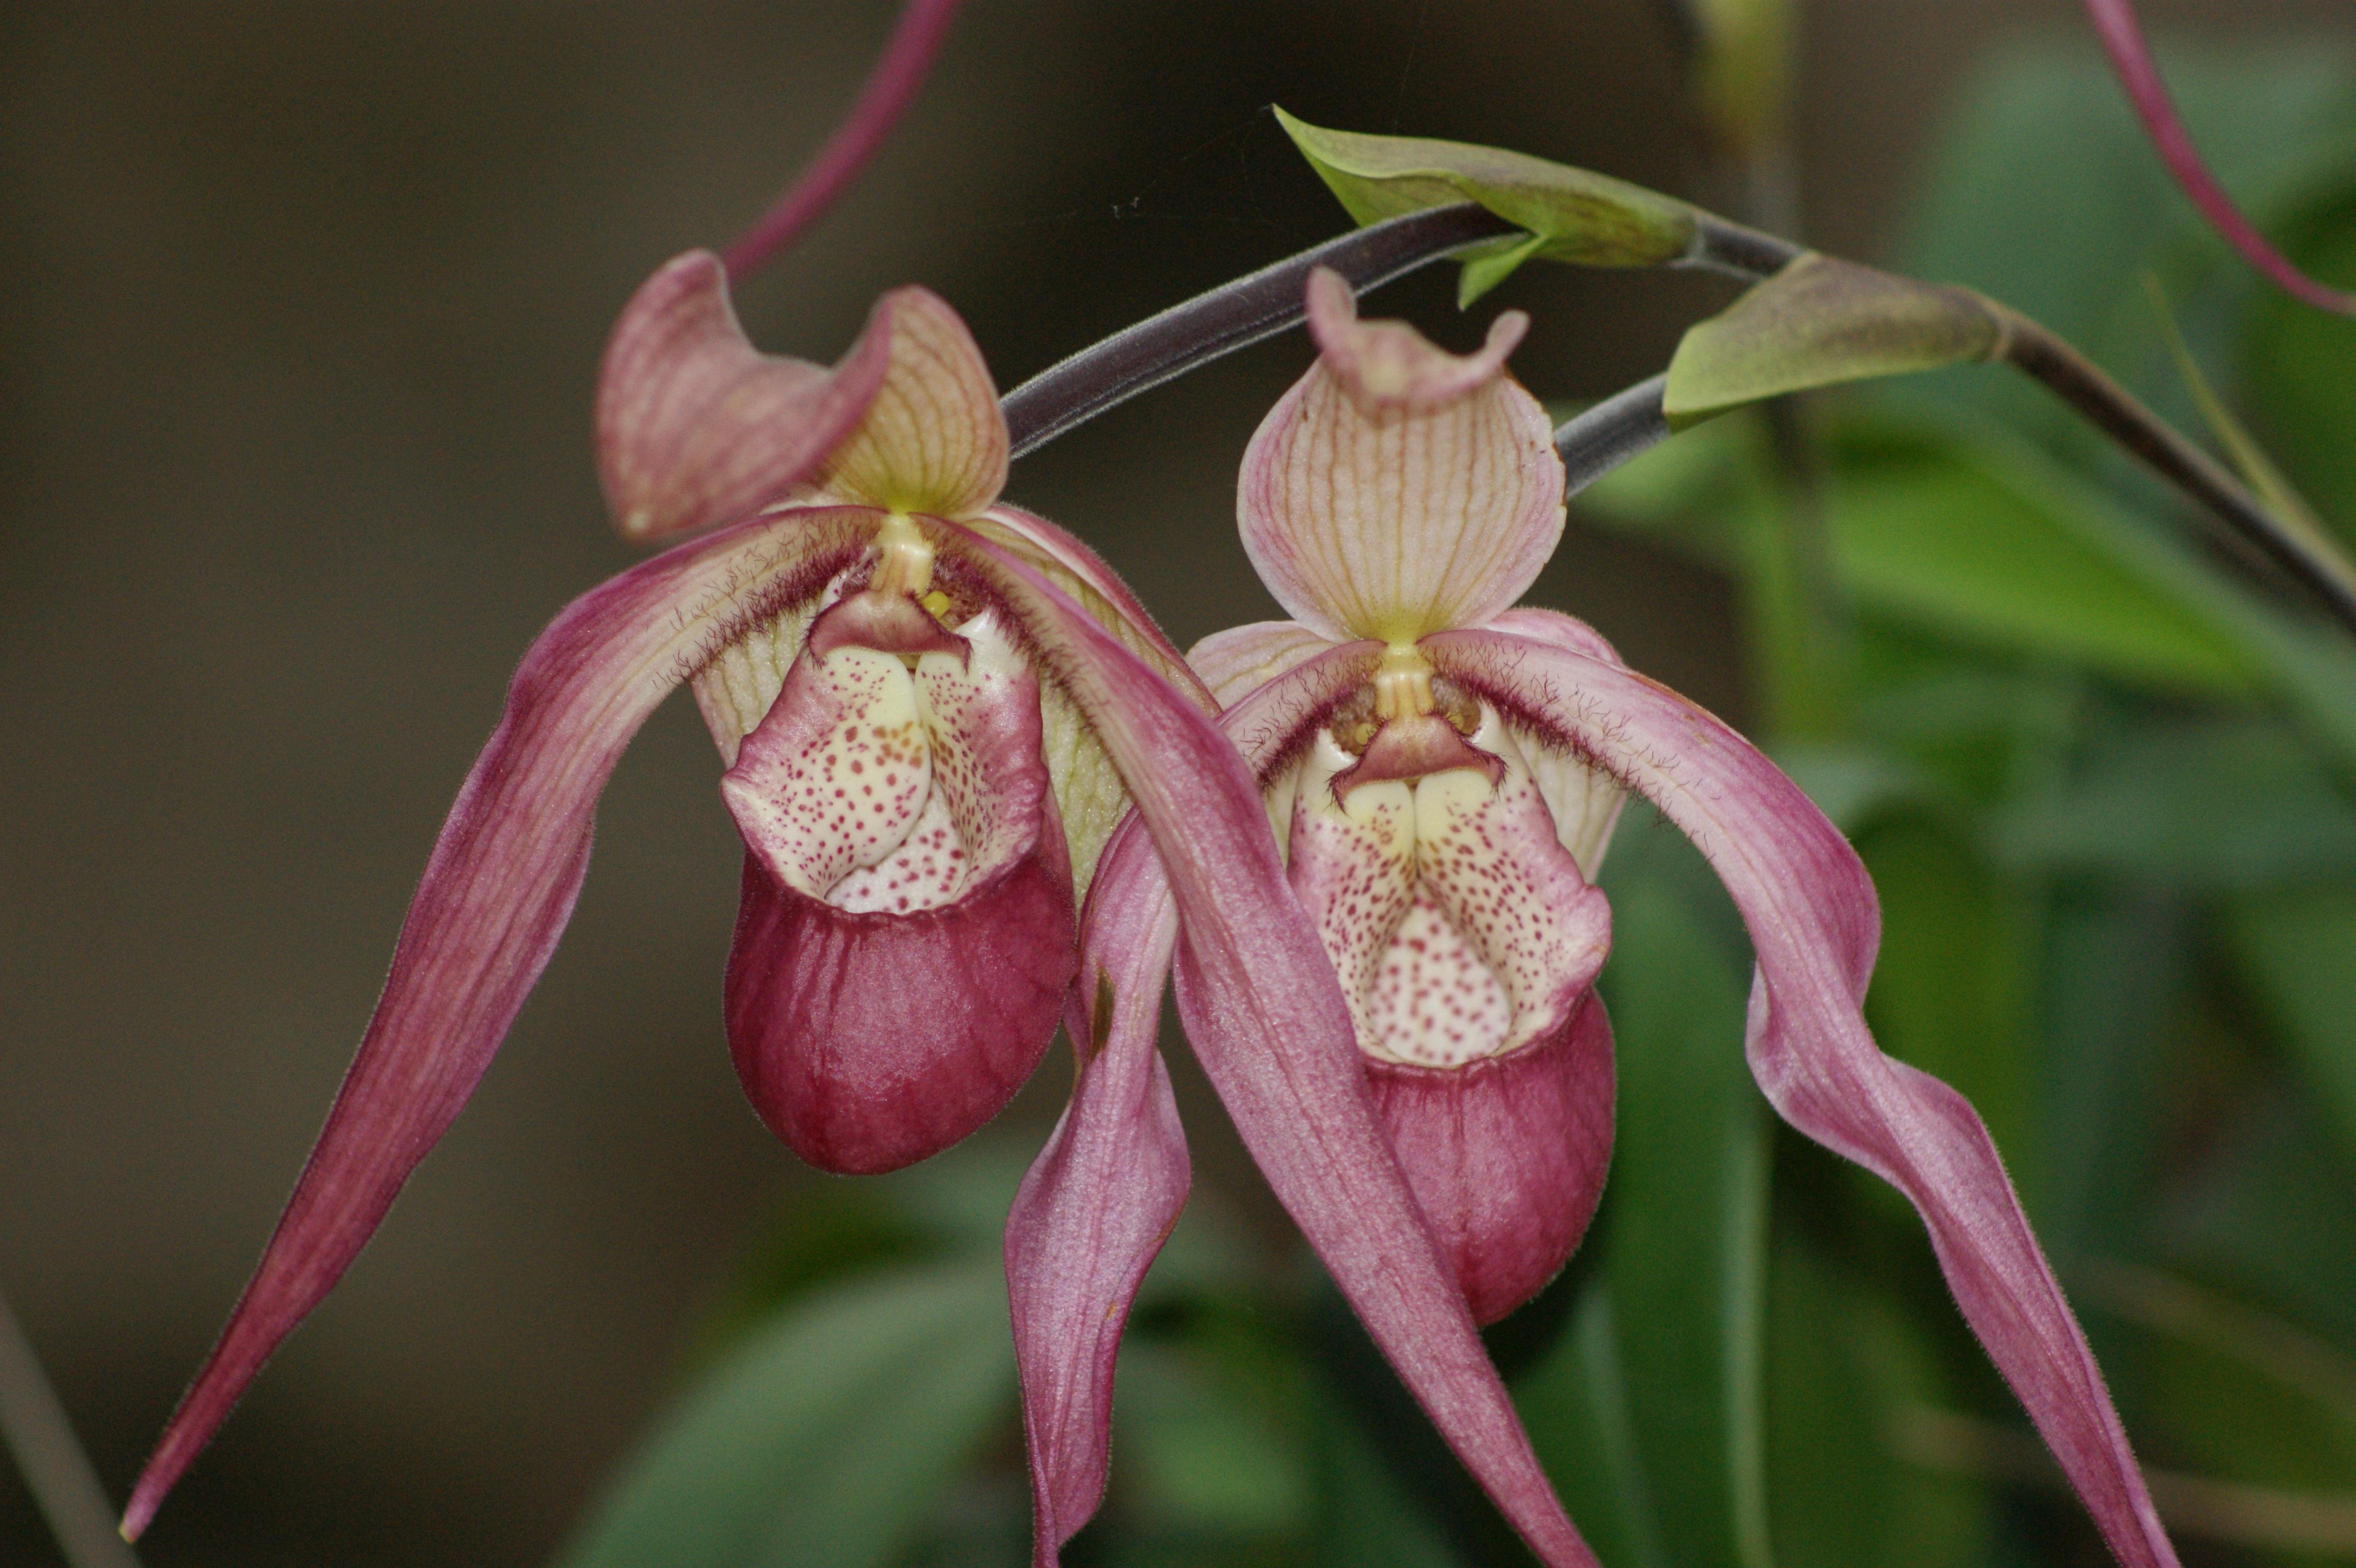 орхидея откуда она родом фото обладателей самозванных